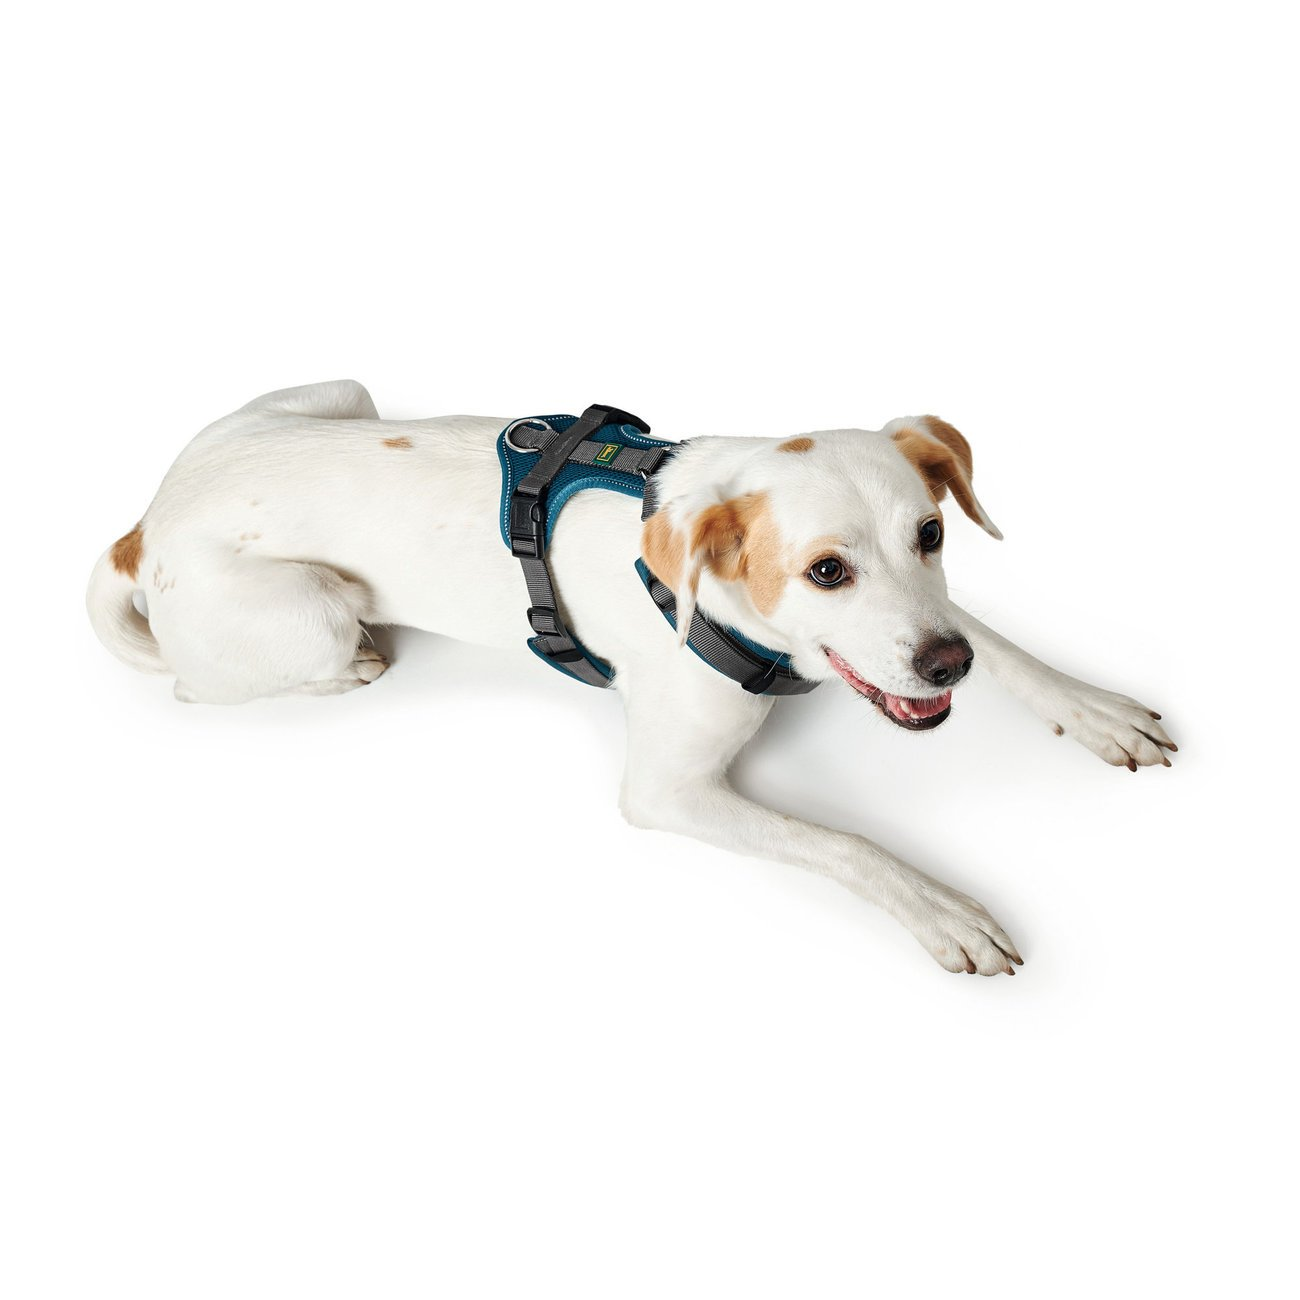 Hunter Hundegeschirr Maldon gepolstert 67509, Bild 14